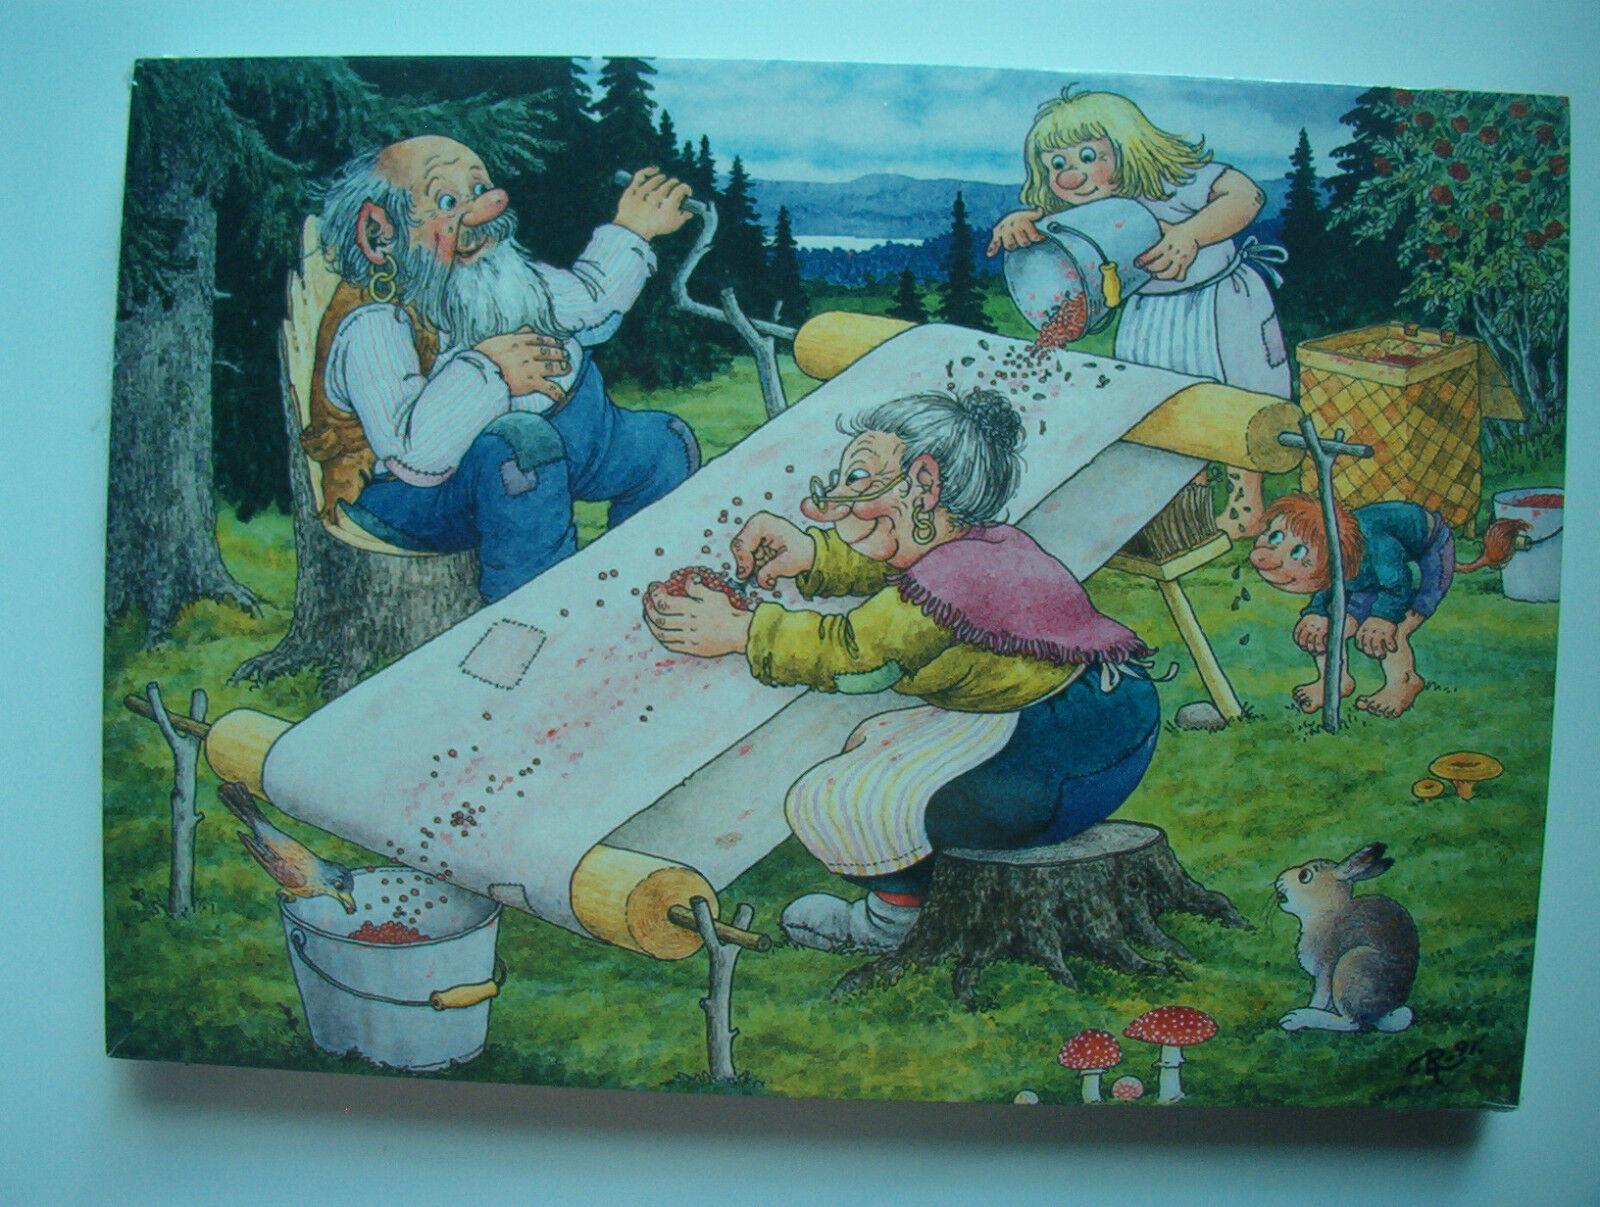 открытки рольфа лидберг можно спокойно оставлять